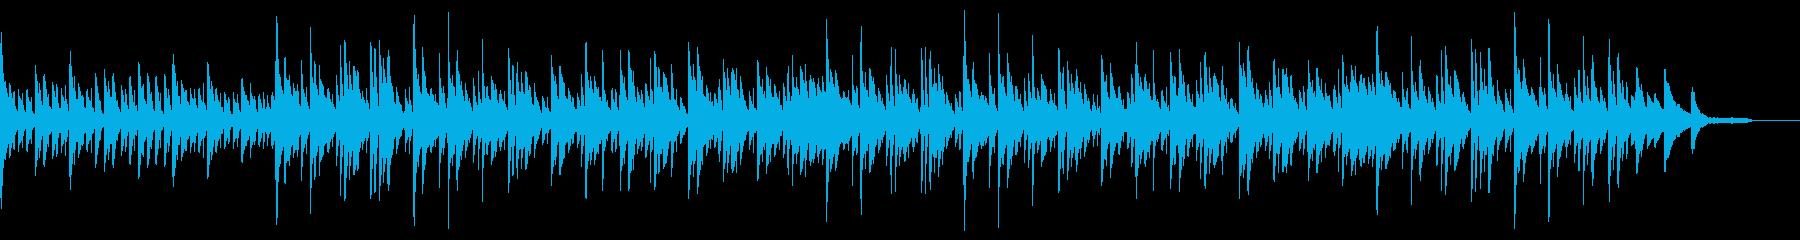 シンプルで穏やかなピアノBGMの再生済みの波形